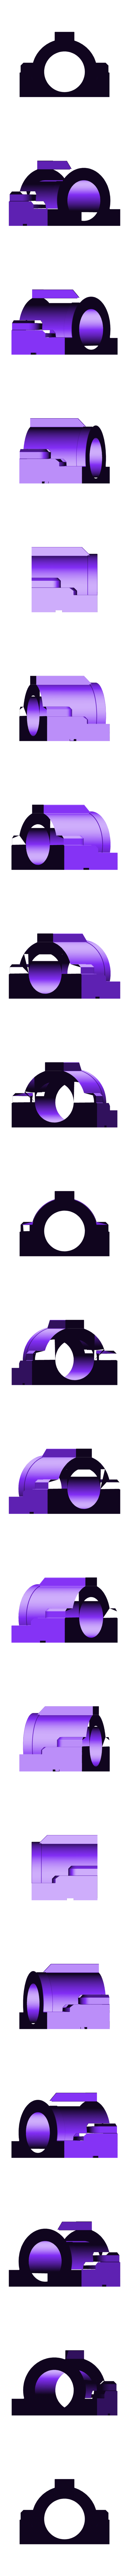 Jet_Pack_Center_Bottom_solid.stl Download free STL file Boba Fett Jet Pack Full Size • 3D printable model, bromego